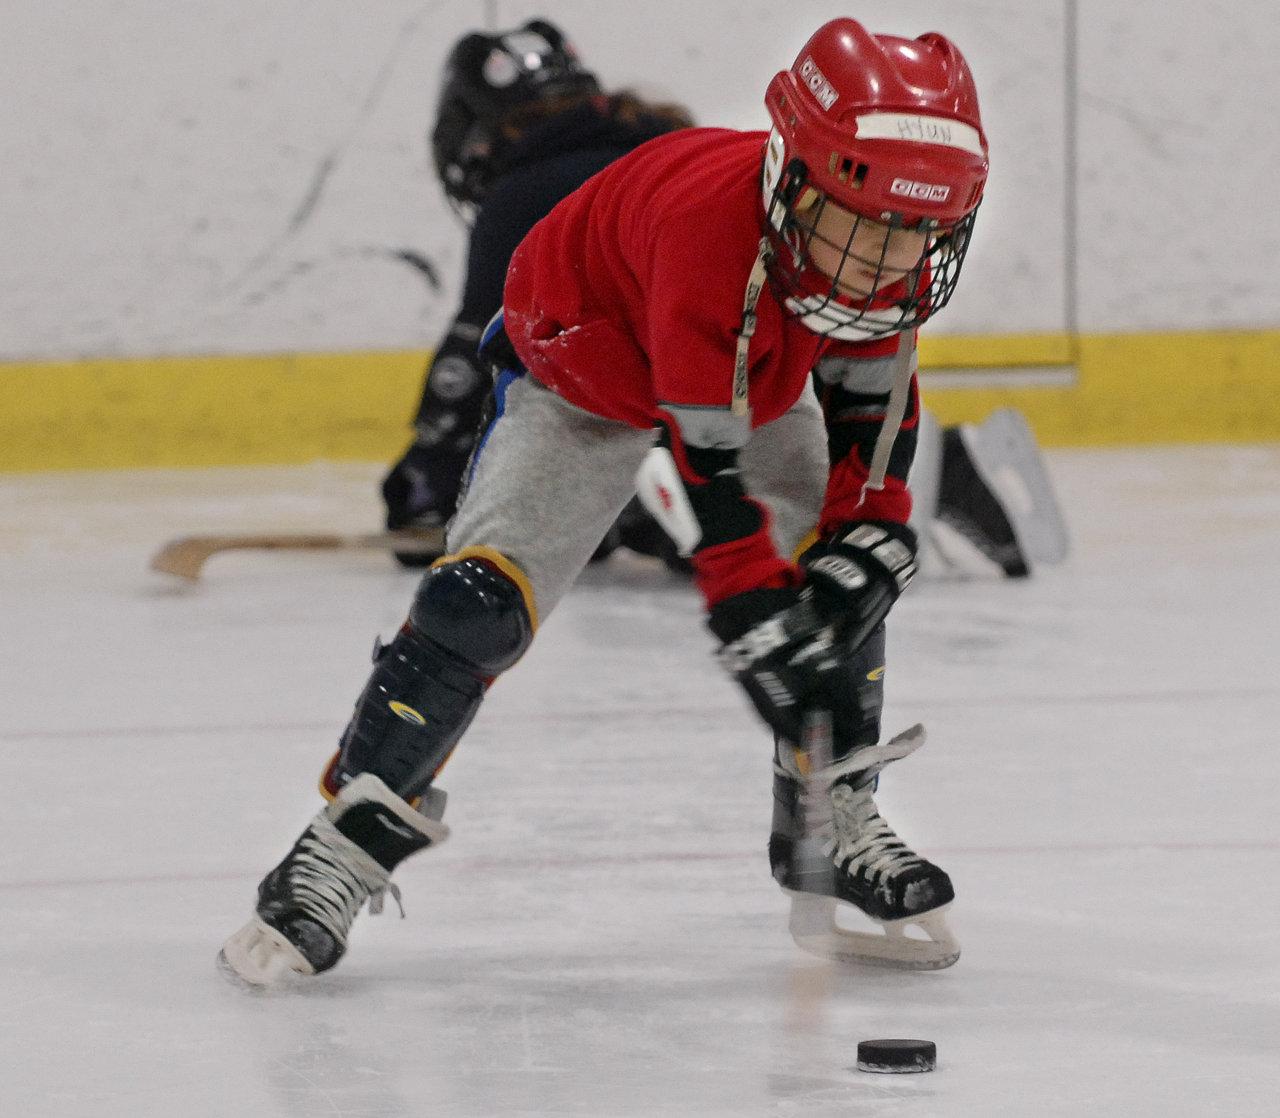 HockeyTrust08_123-28.jpg